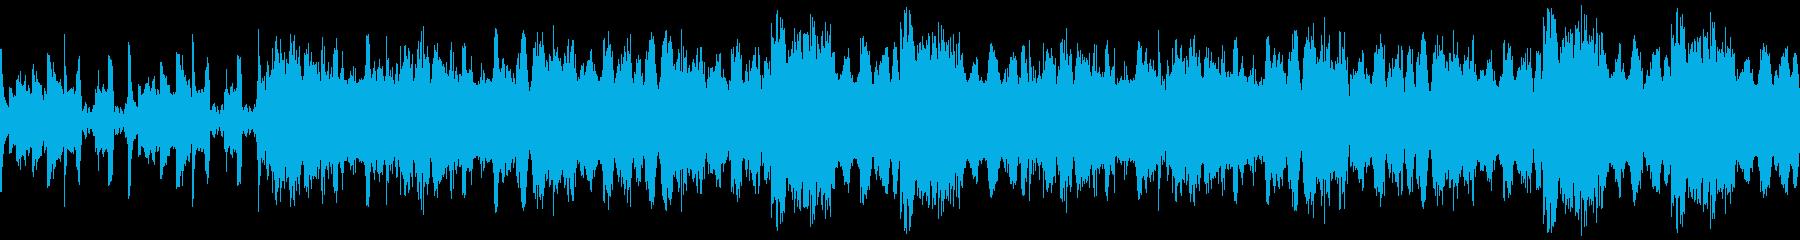 おしゃれでモダンなループ4の再生済みの波形